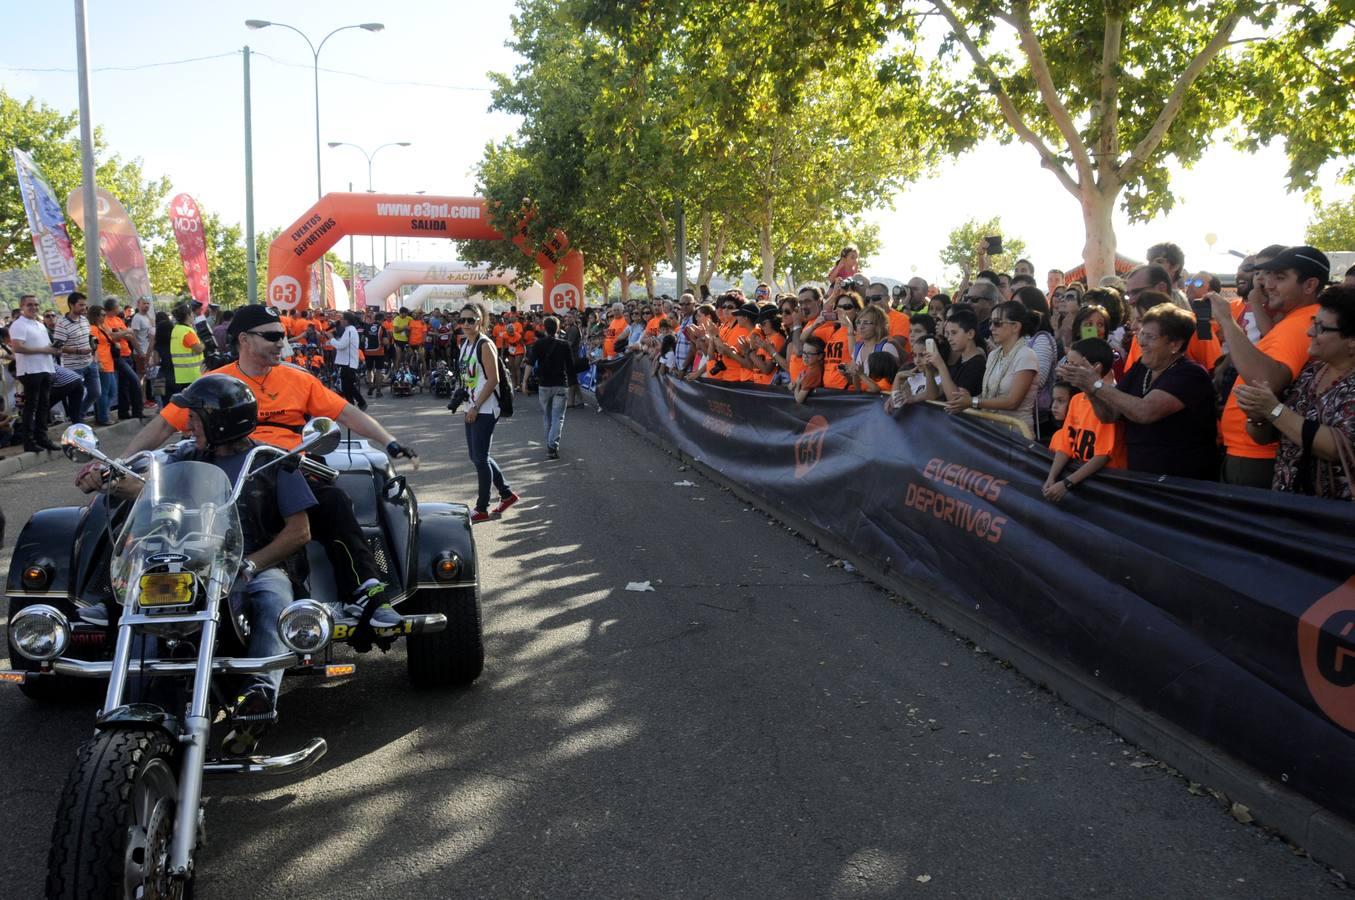 Román David subido en una moto saluda a los asistentes